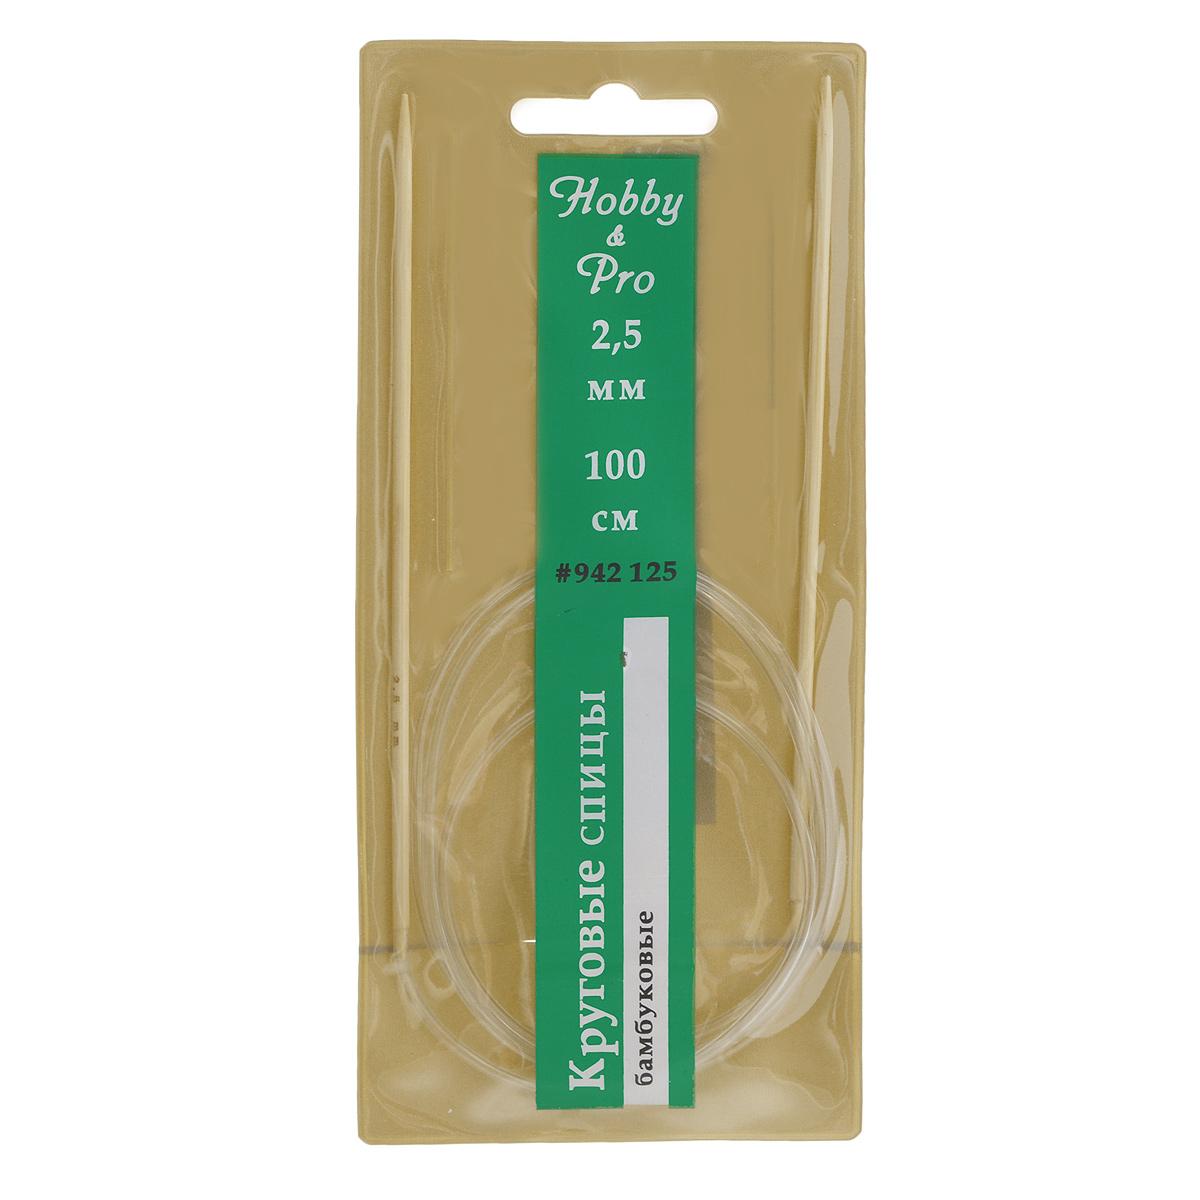 Спицы Hobby & Pro, бамбуковые, круговые, диаметр 2,5 мм, длина 100 см7700978Спицы для вязания Hobby & Pro изготовлены из натурального бамбука. Кончики спиц закругленные. Спицы скреплены гибким пластиковым шнуром. Круговые спицы наиболее удобны для выполнения деталей и изделий, не имеющих швов. Короткими круговыми спицами вяжут бейки горловины, воротники-гольф, длинными спицами можно вязать по кругу целые модели. Спицы прочные, легкие, гладкие, удобные в использовании. Вы сможете вязать для себя, делать подарки друзьям. Рукоделие всегда считалось изысканным, благородным делом. Работа, сделанная своими руками, долго будет радовать вас и ваших близких.